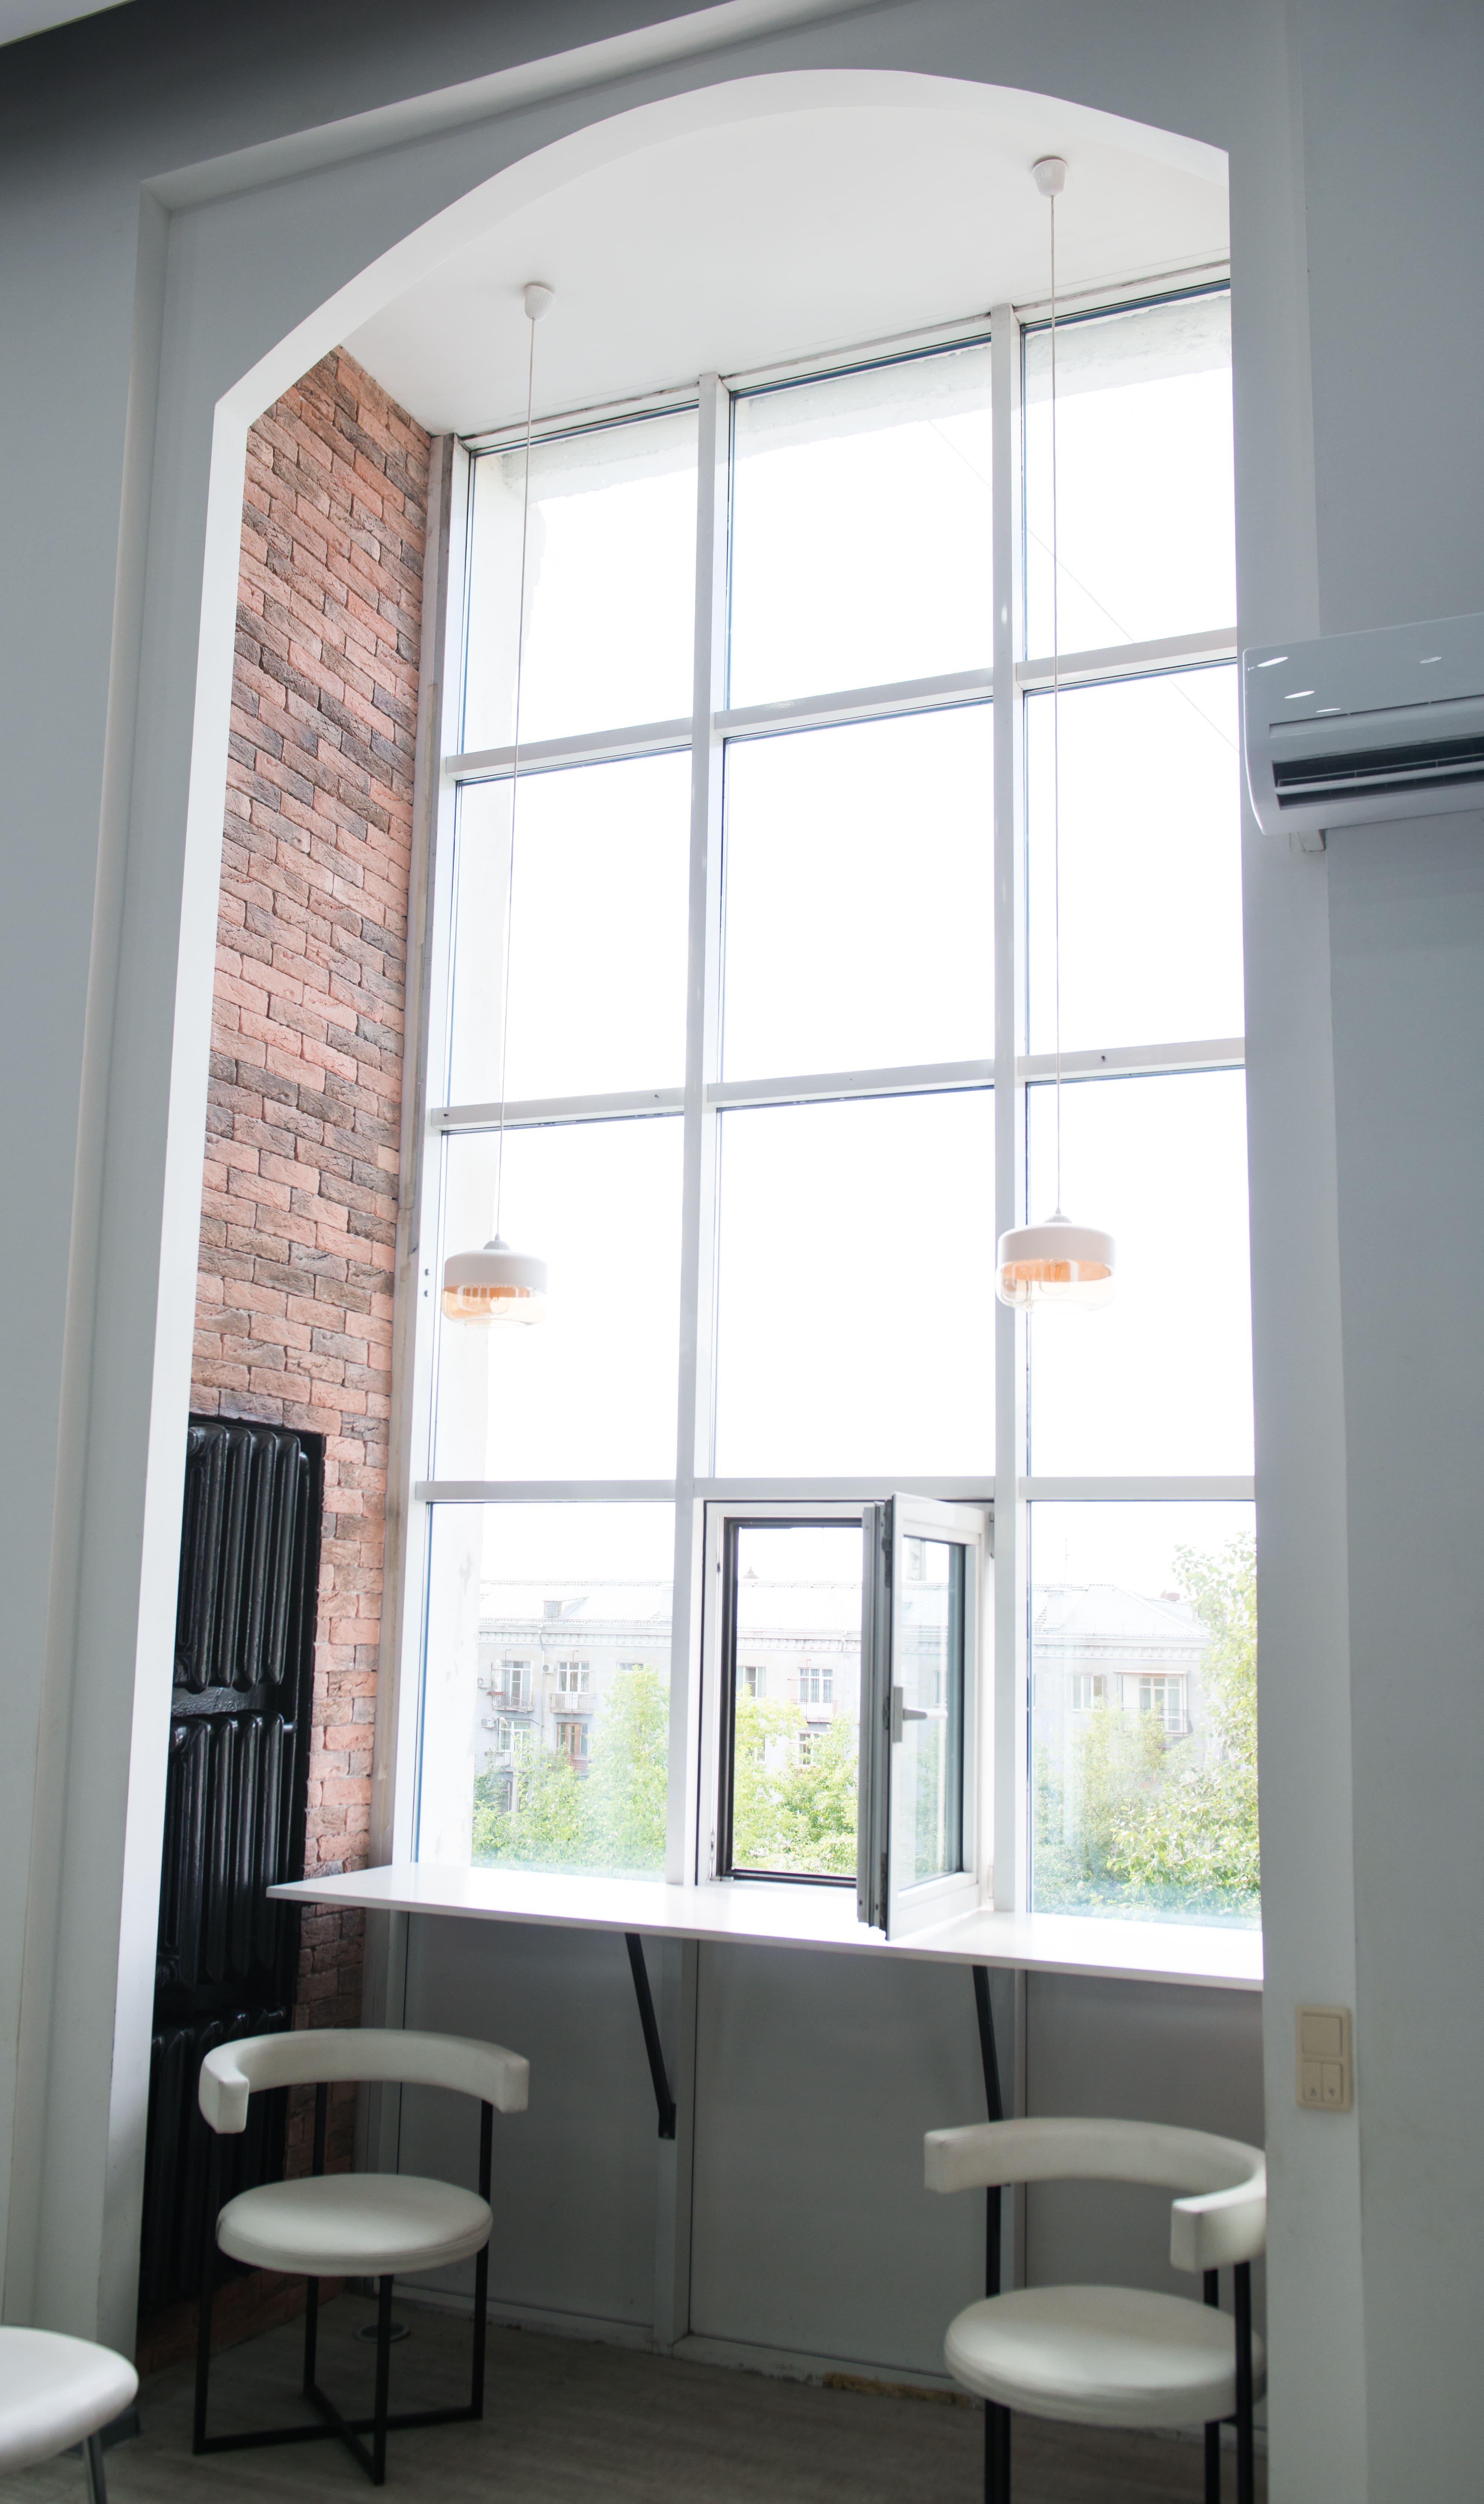 Пластиковое окно - арка (вид сбоку)